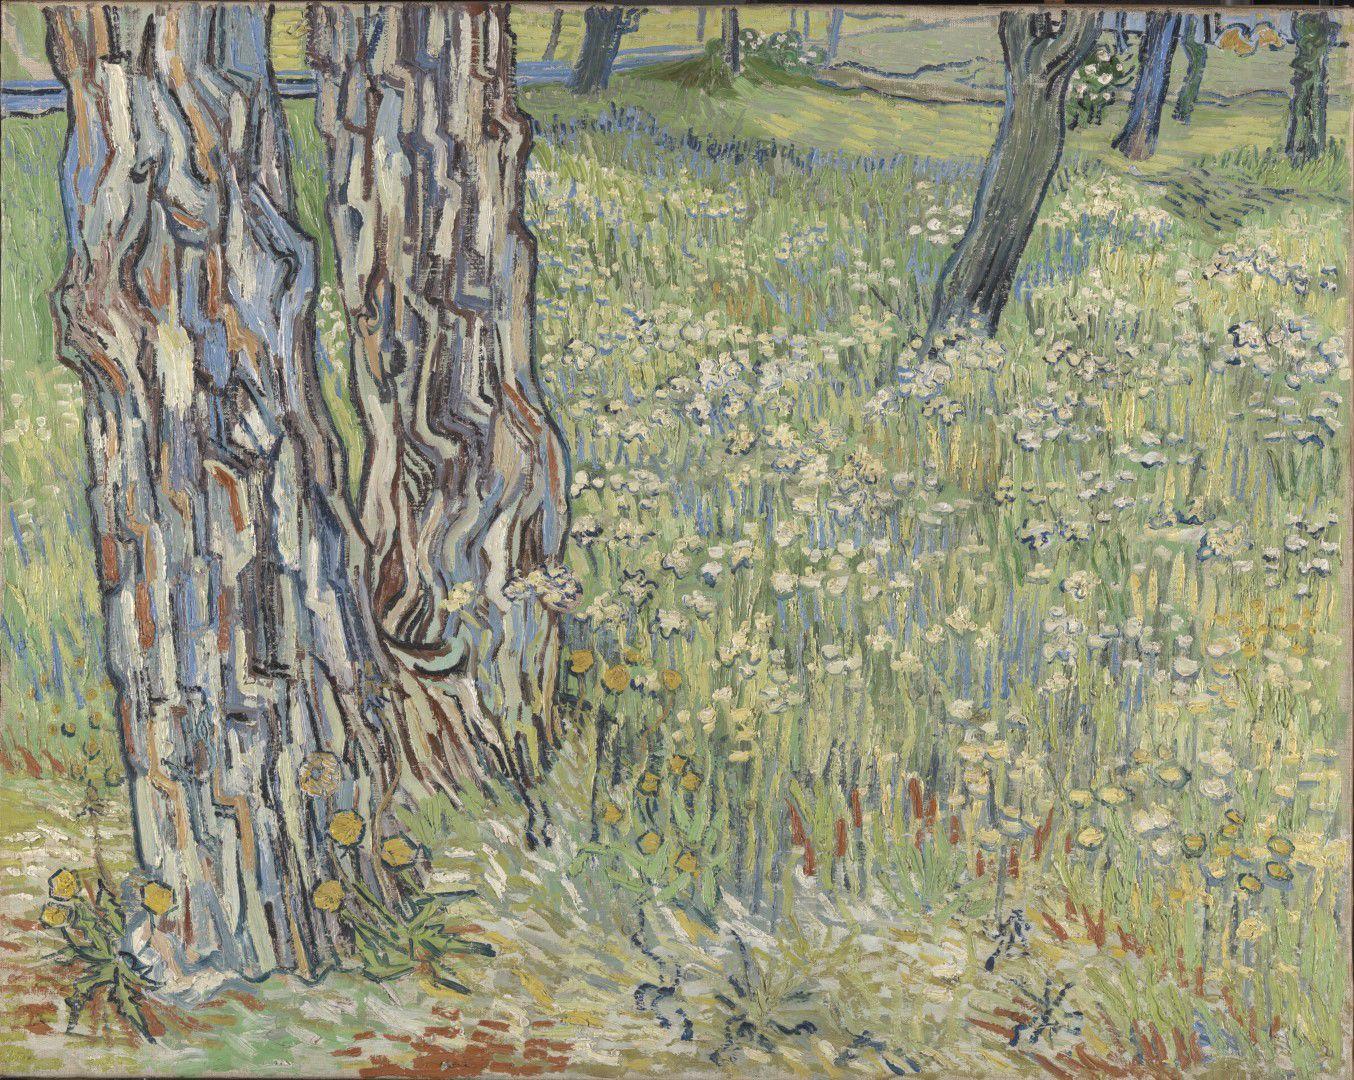 《草丛中的树干》,梵高